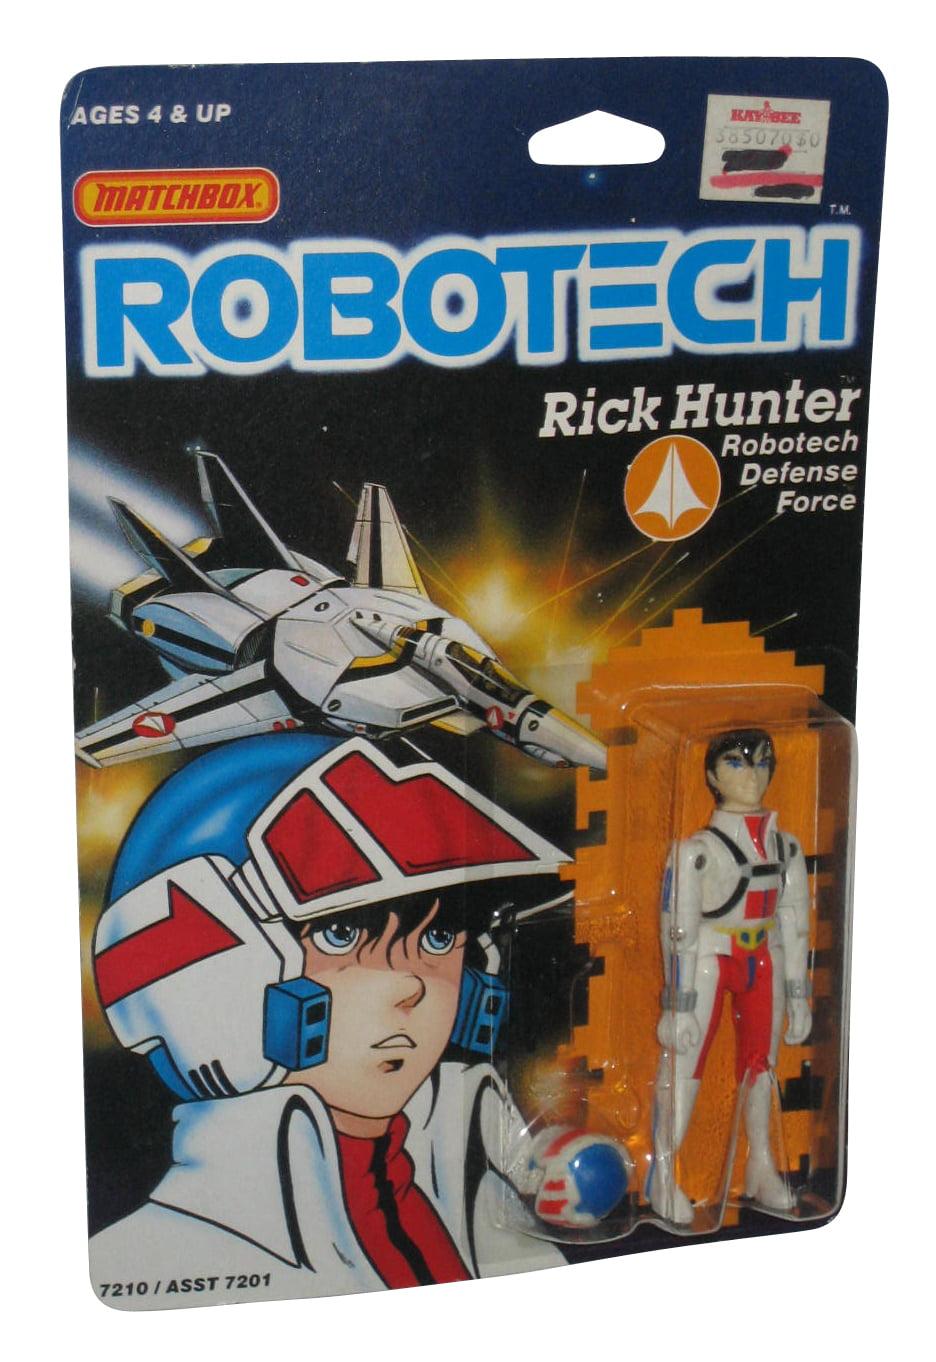 Robotech Rick Hunter Defense Force (1985) Matchbox 3.75 Inch Figure by Matchbox